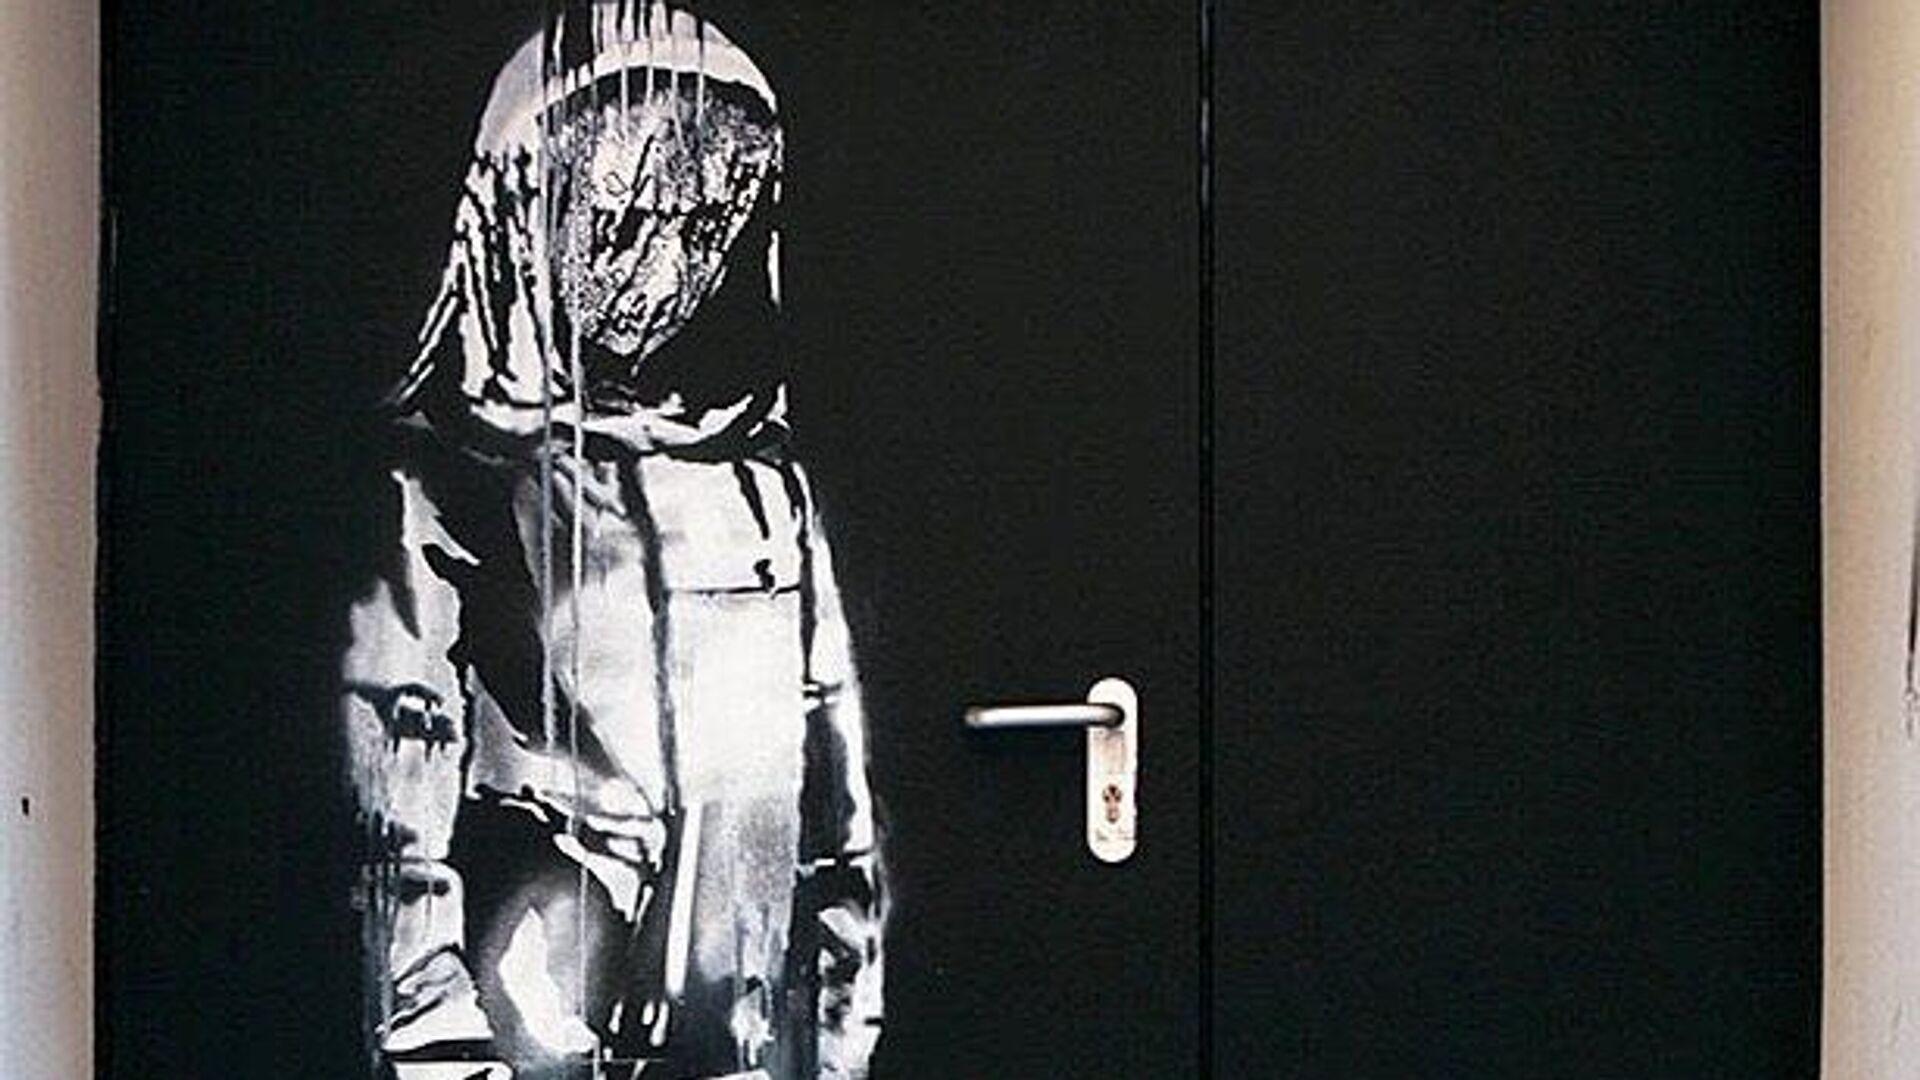 Работа уличного художника Бэнкси, сделанная в память о жертвах теракта 13 ноября 2015 года на двери запасного выхода из парижского концертного зала Батаклан - РИА Новости, 1920, 27.06.2020